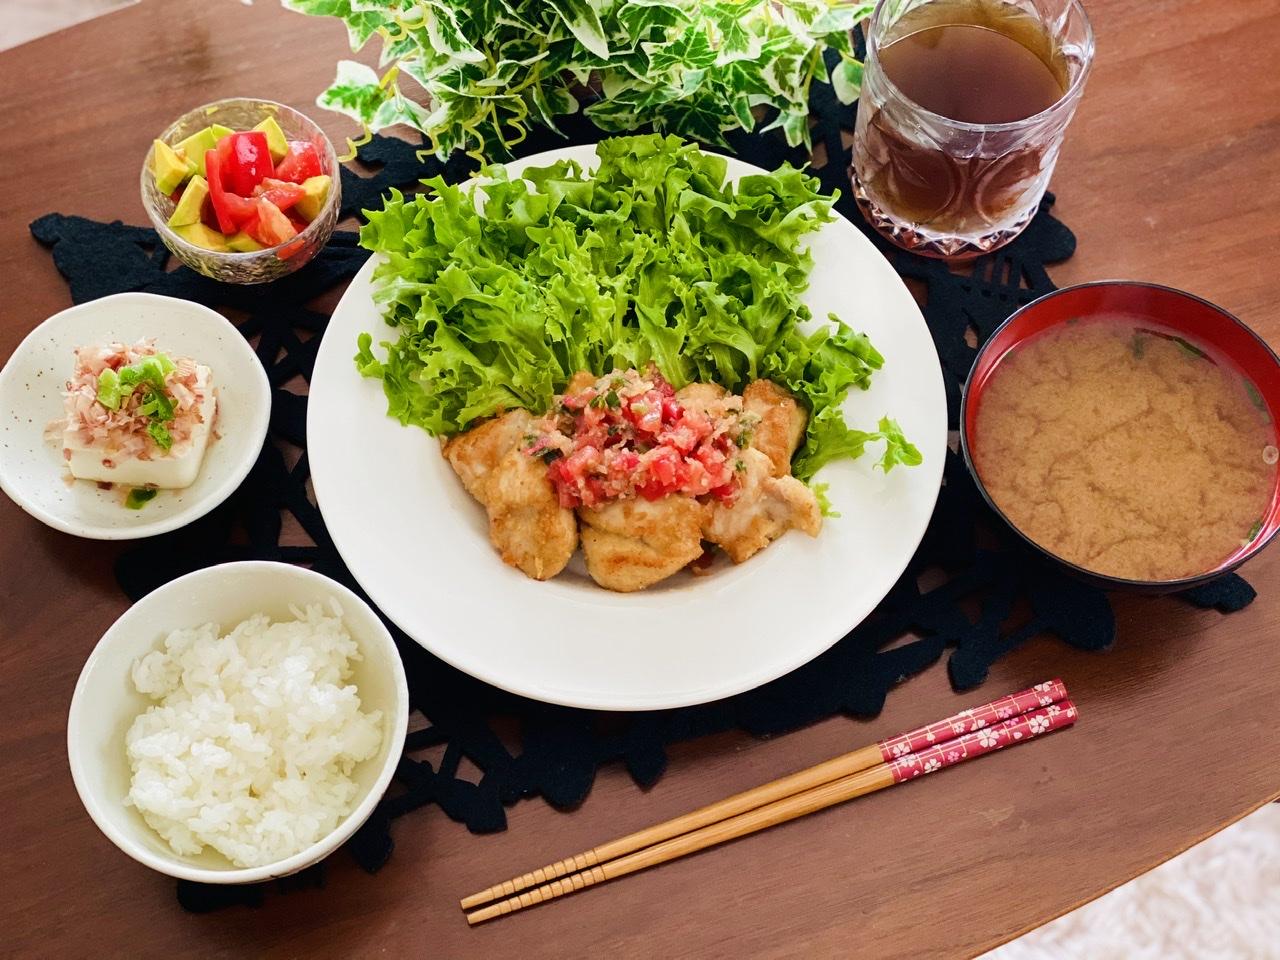 【今月のお家ごはん】アラサー女子の食卓!作り置きおかずでラク晩ご飯♡-Vol.18-_5